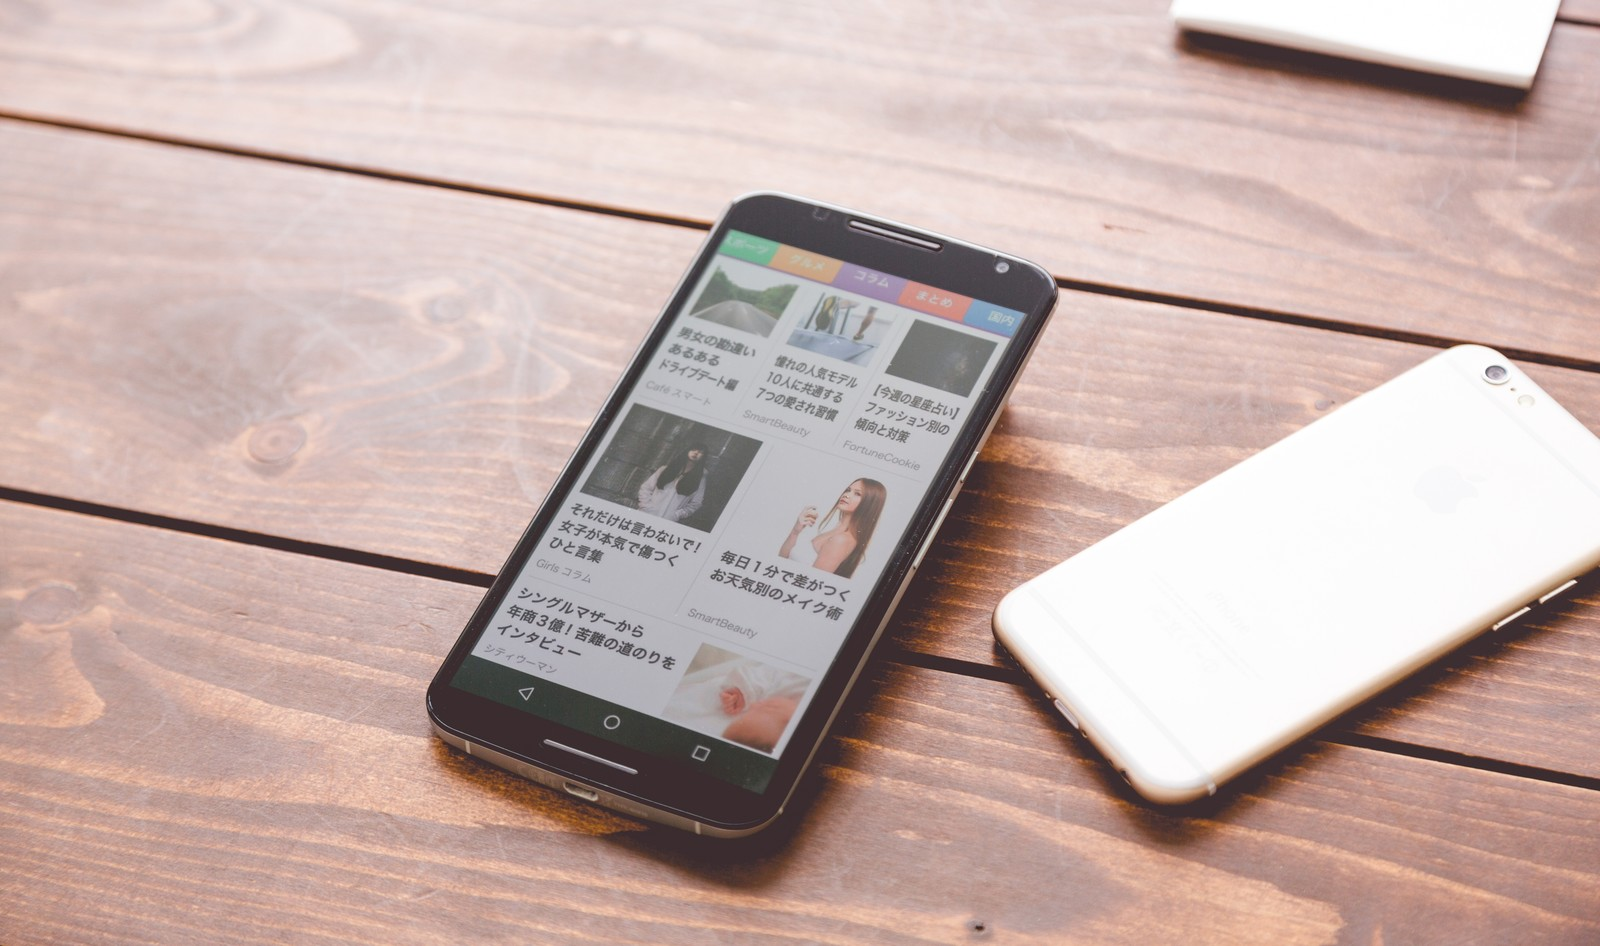 「複数の端末でニュースアプリを確認複数の端末でニュースアプリを確認」のフリー写真素材を拡大